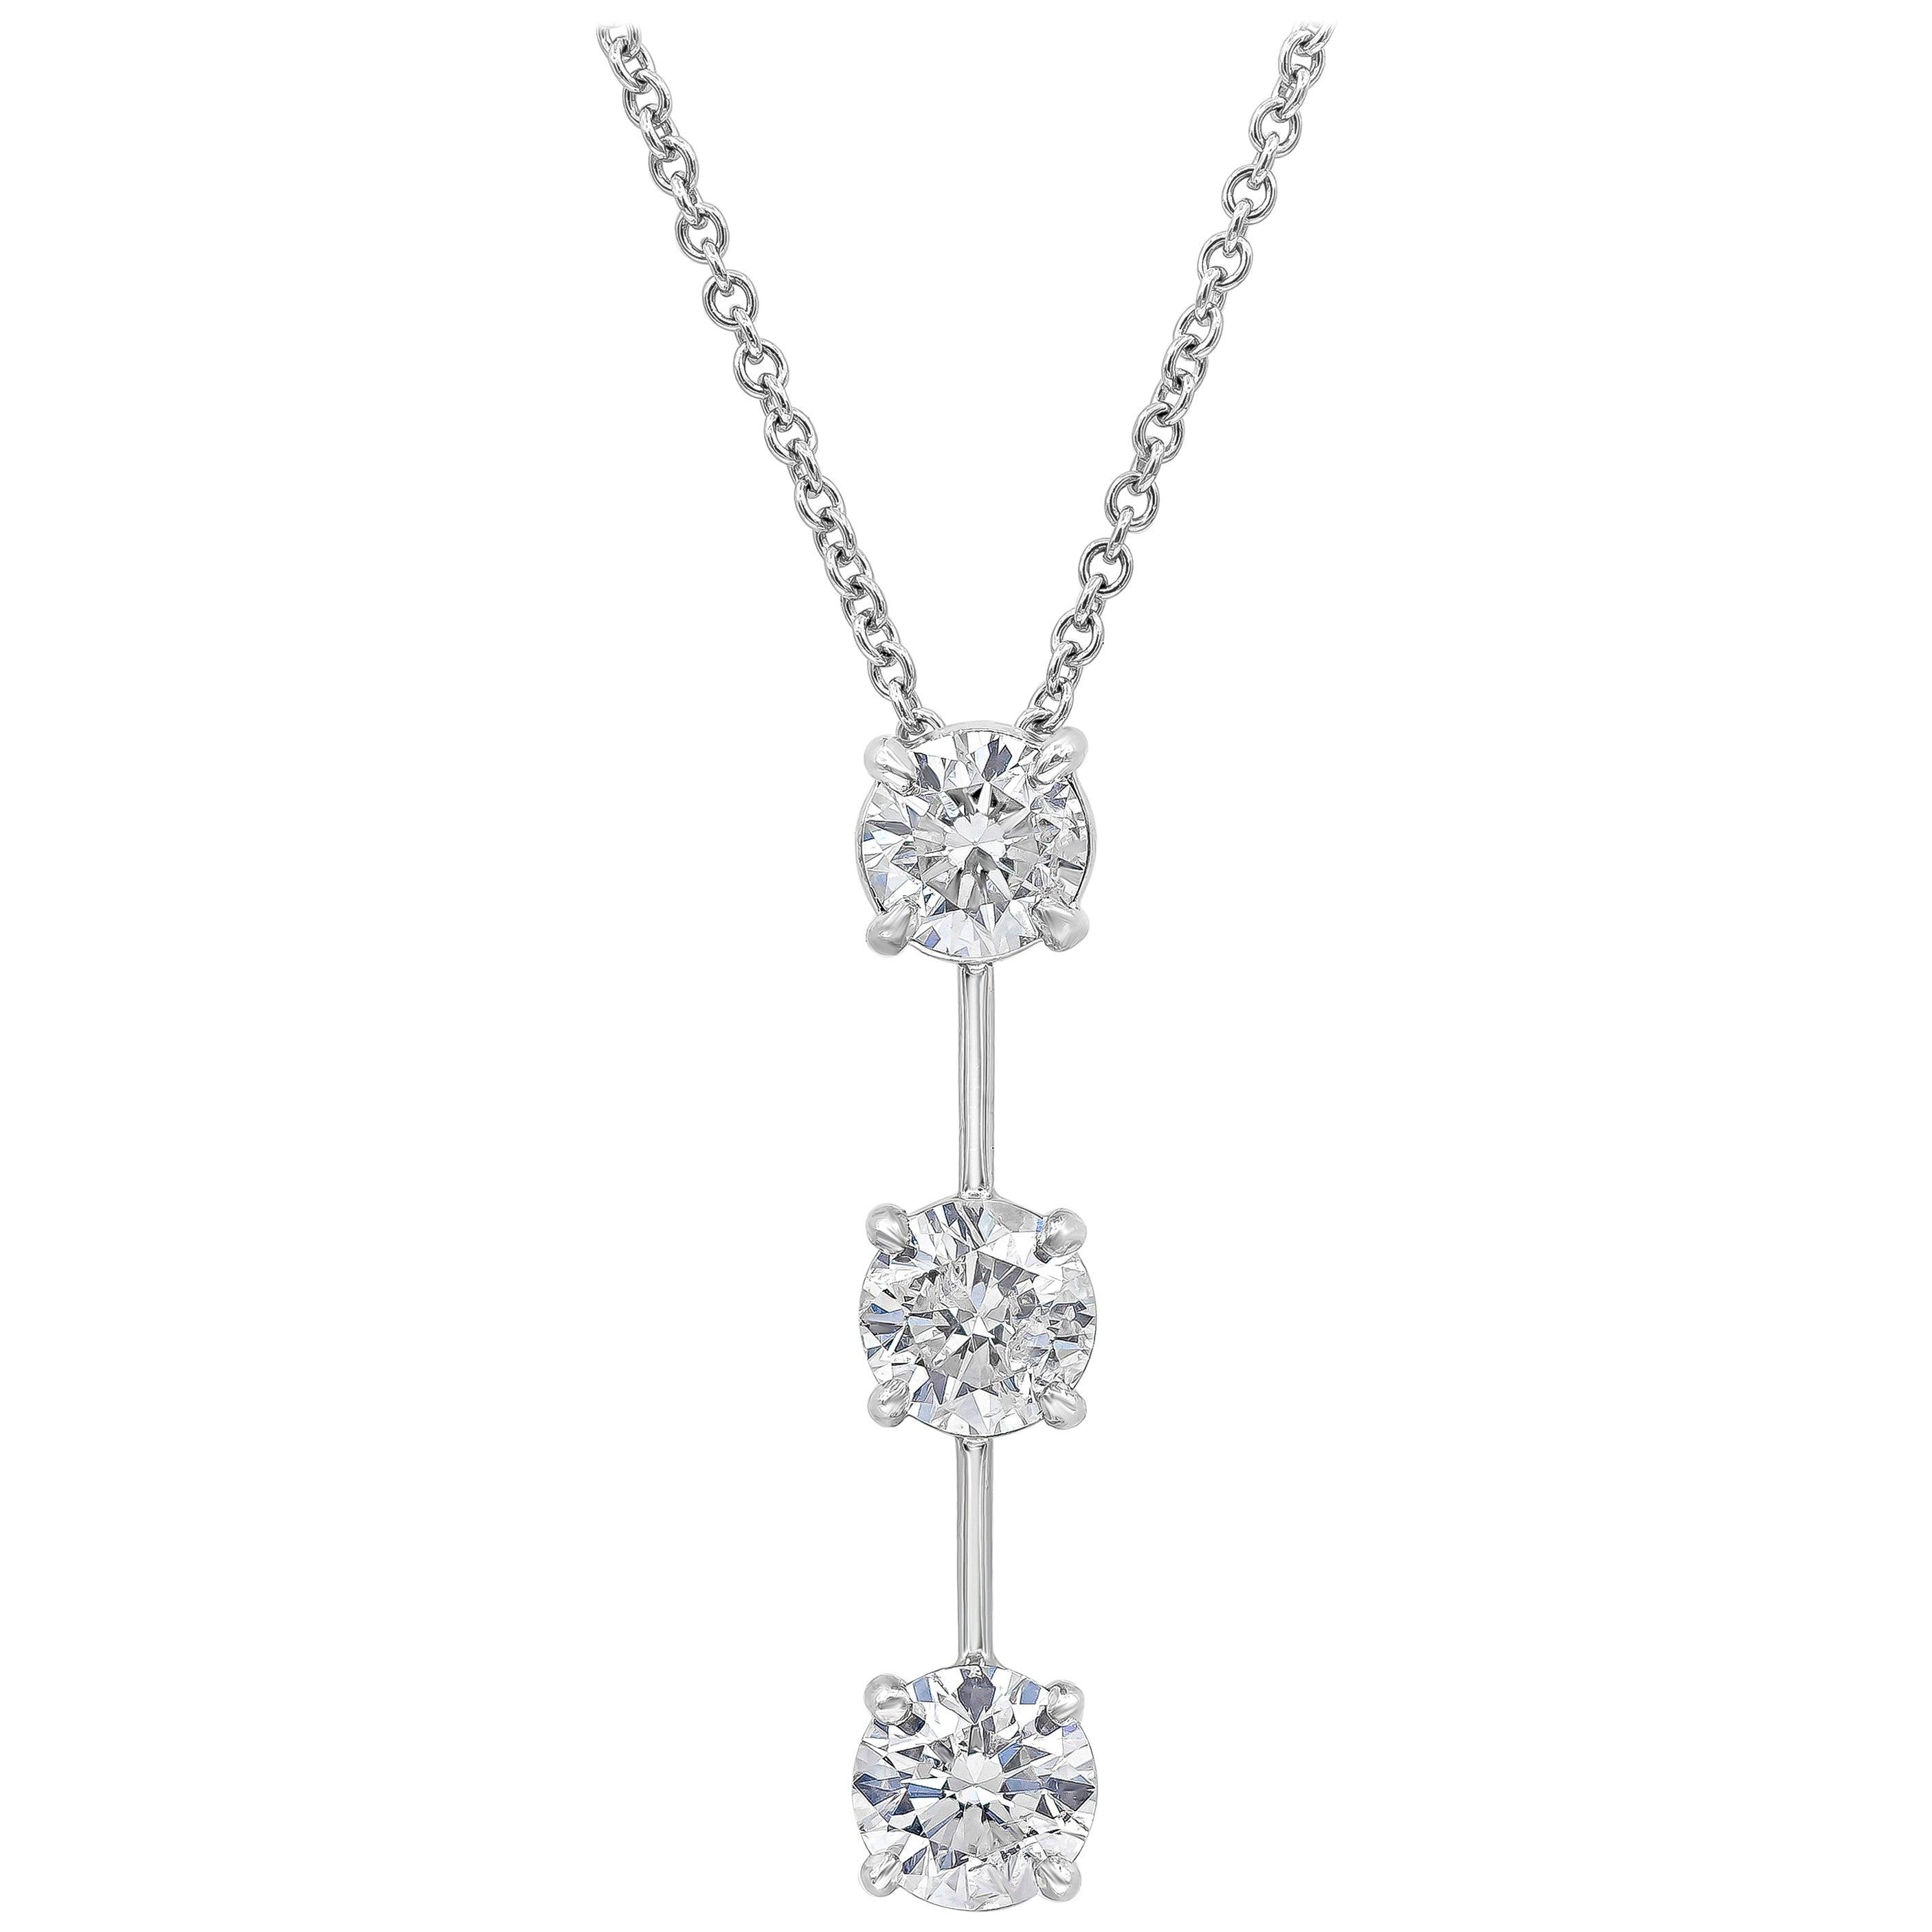 Roman Malakov 3.10 Carat Round Diamond Three-Stone Drop Pendant Necklace